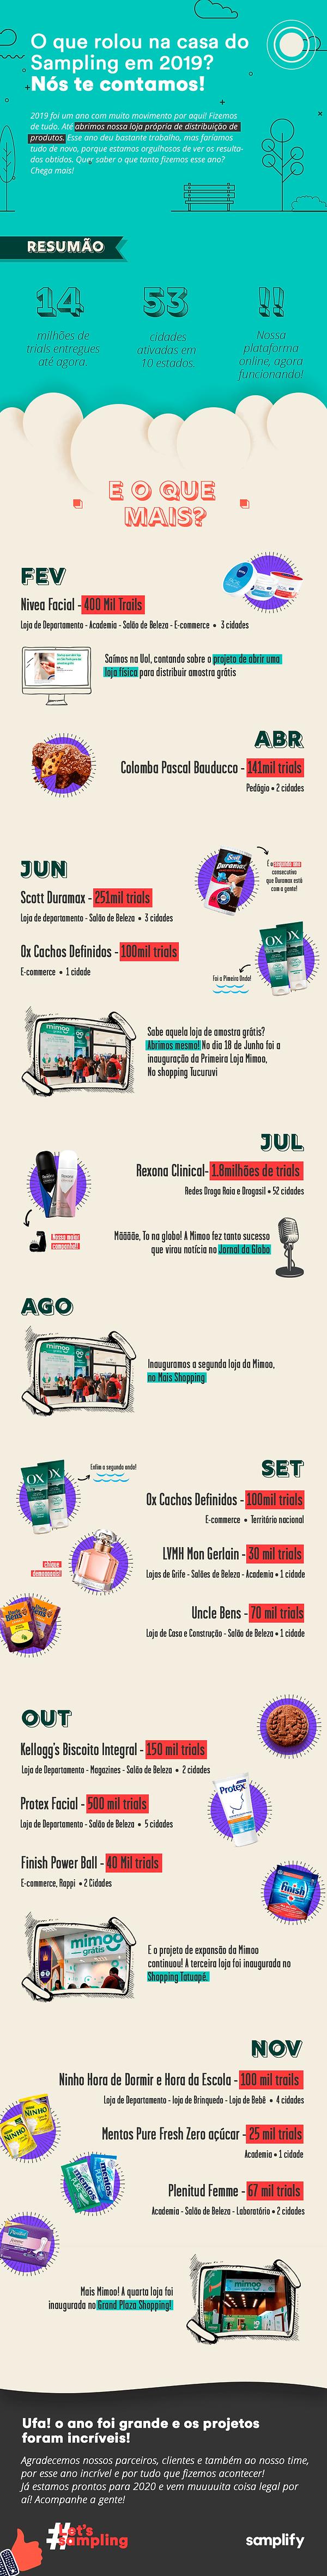 Timeline-2019.png